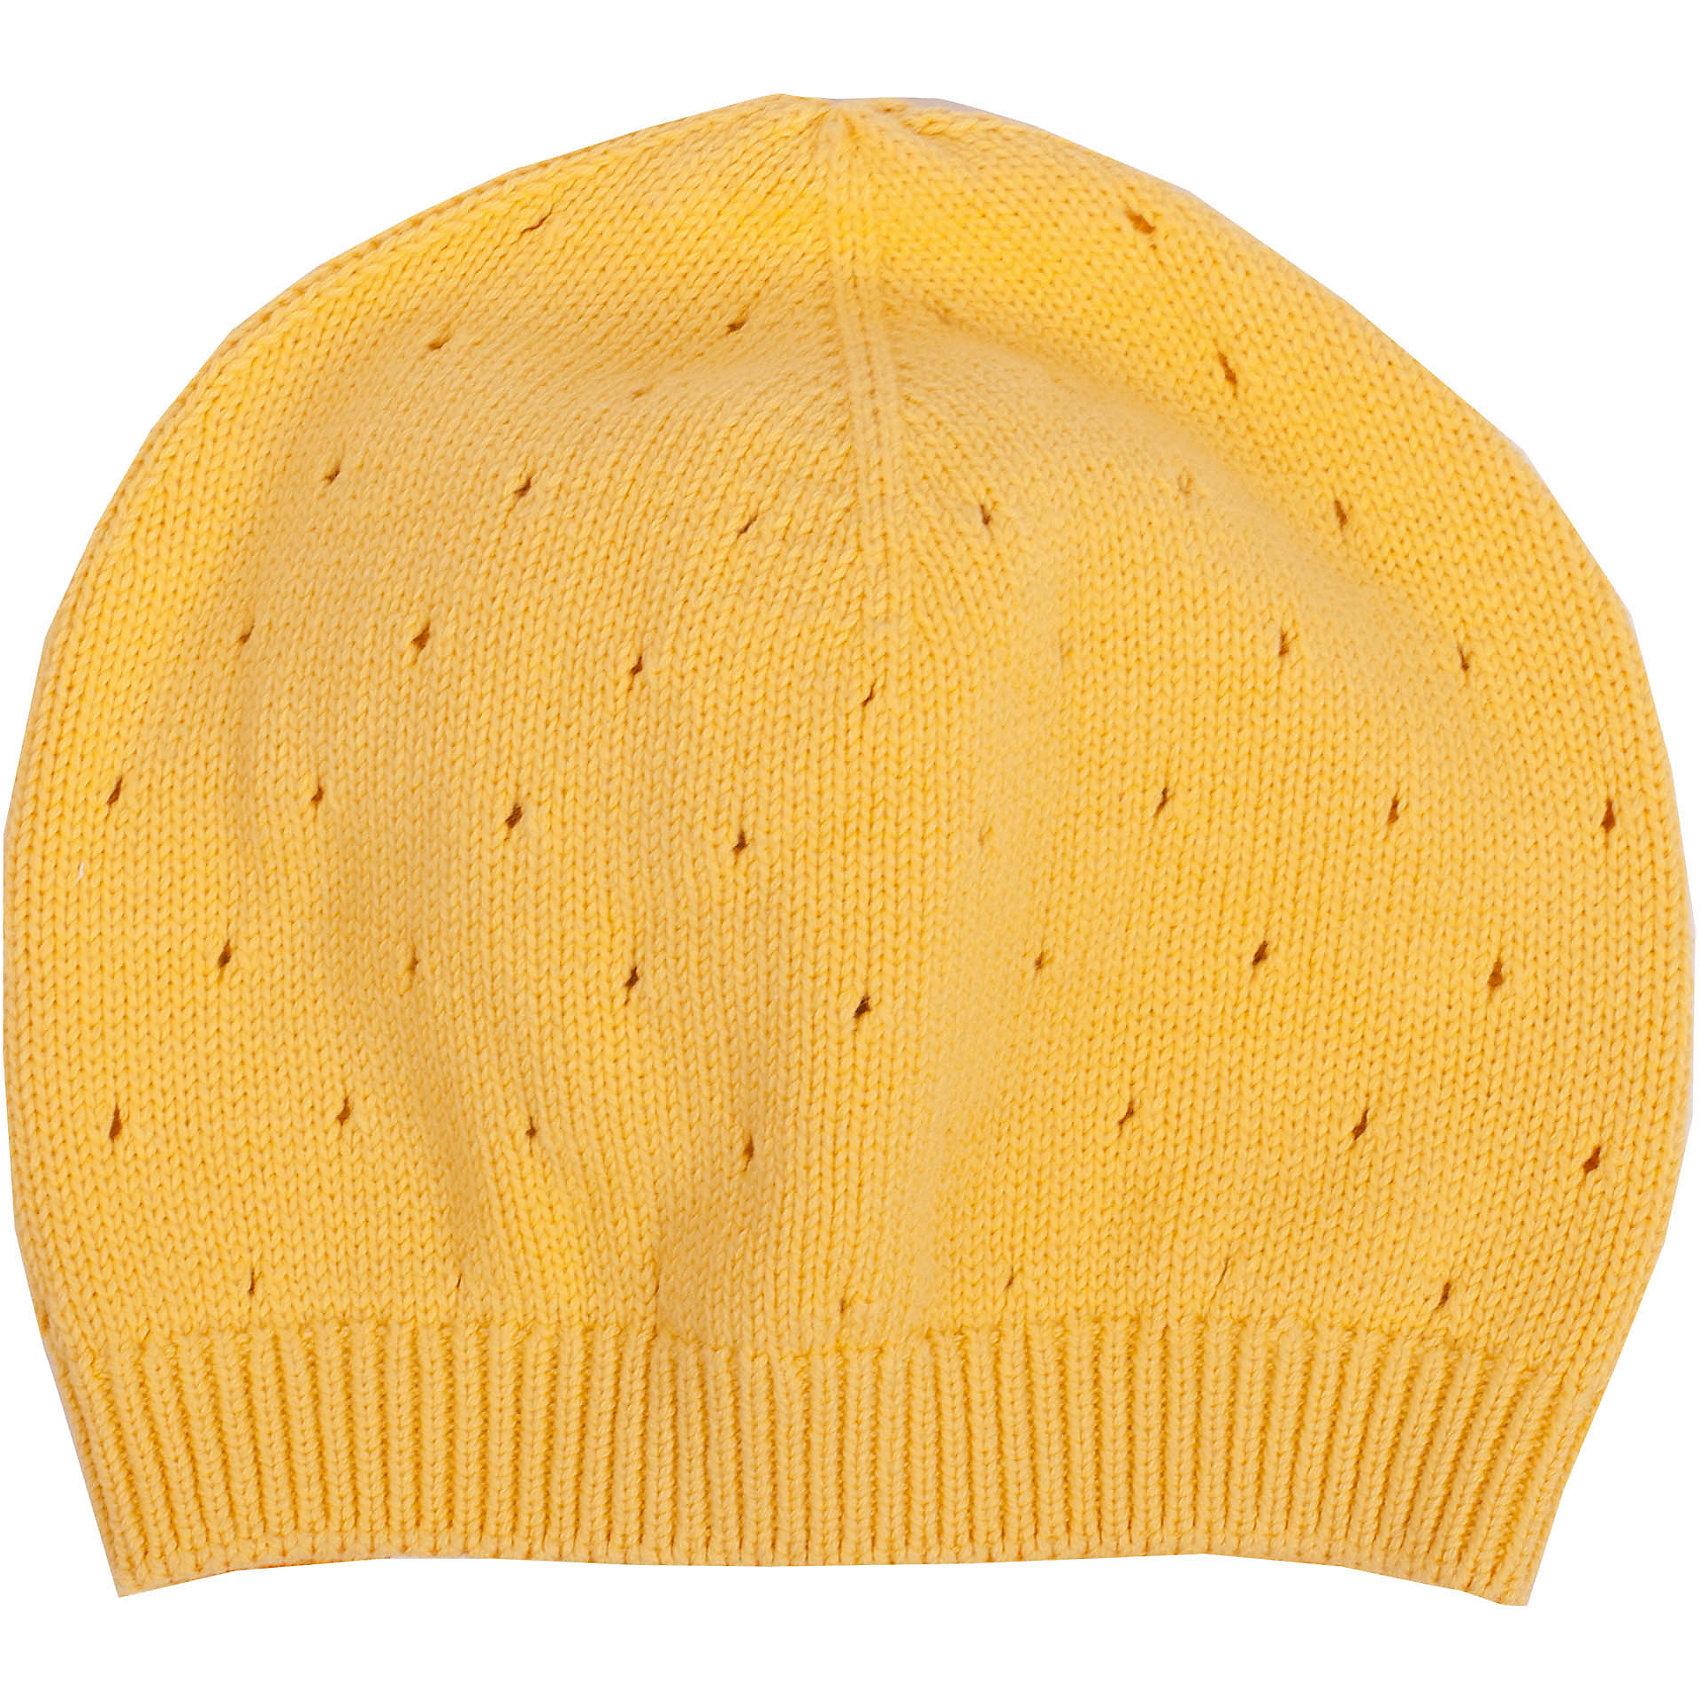 Шапка для девочки GulliverГоловные уборы<br>Яркая вязаная шапка красиво завершает образ, делая его новым, свежим, интересным. Шапка связана модной ажурной вязкой, придающей изделию красоту и индивидуальность. Словом, если вам нужна стильная вязаная шапка для весенней погоды, выбор этой модели абсолютно оправдан!<br>Состав:<br>100% хлопок<br><br>Ширина мм: 89<br>Глубина мм: 117<br>Высота мм: 44<br>Вес г: 155<br>Цвет: желтый<br>Возраст от месяцев: 24<br>Возраст до месяцев: 36<br>Пол: Женский<br>Возраст: Детский<br>Размер: 50,52<br>SKU: 4534655